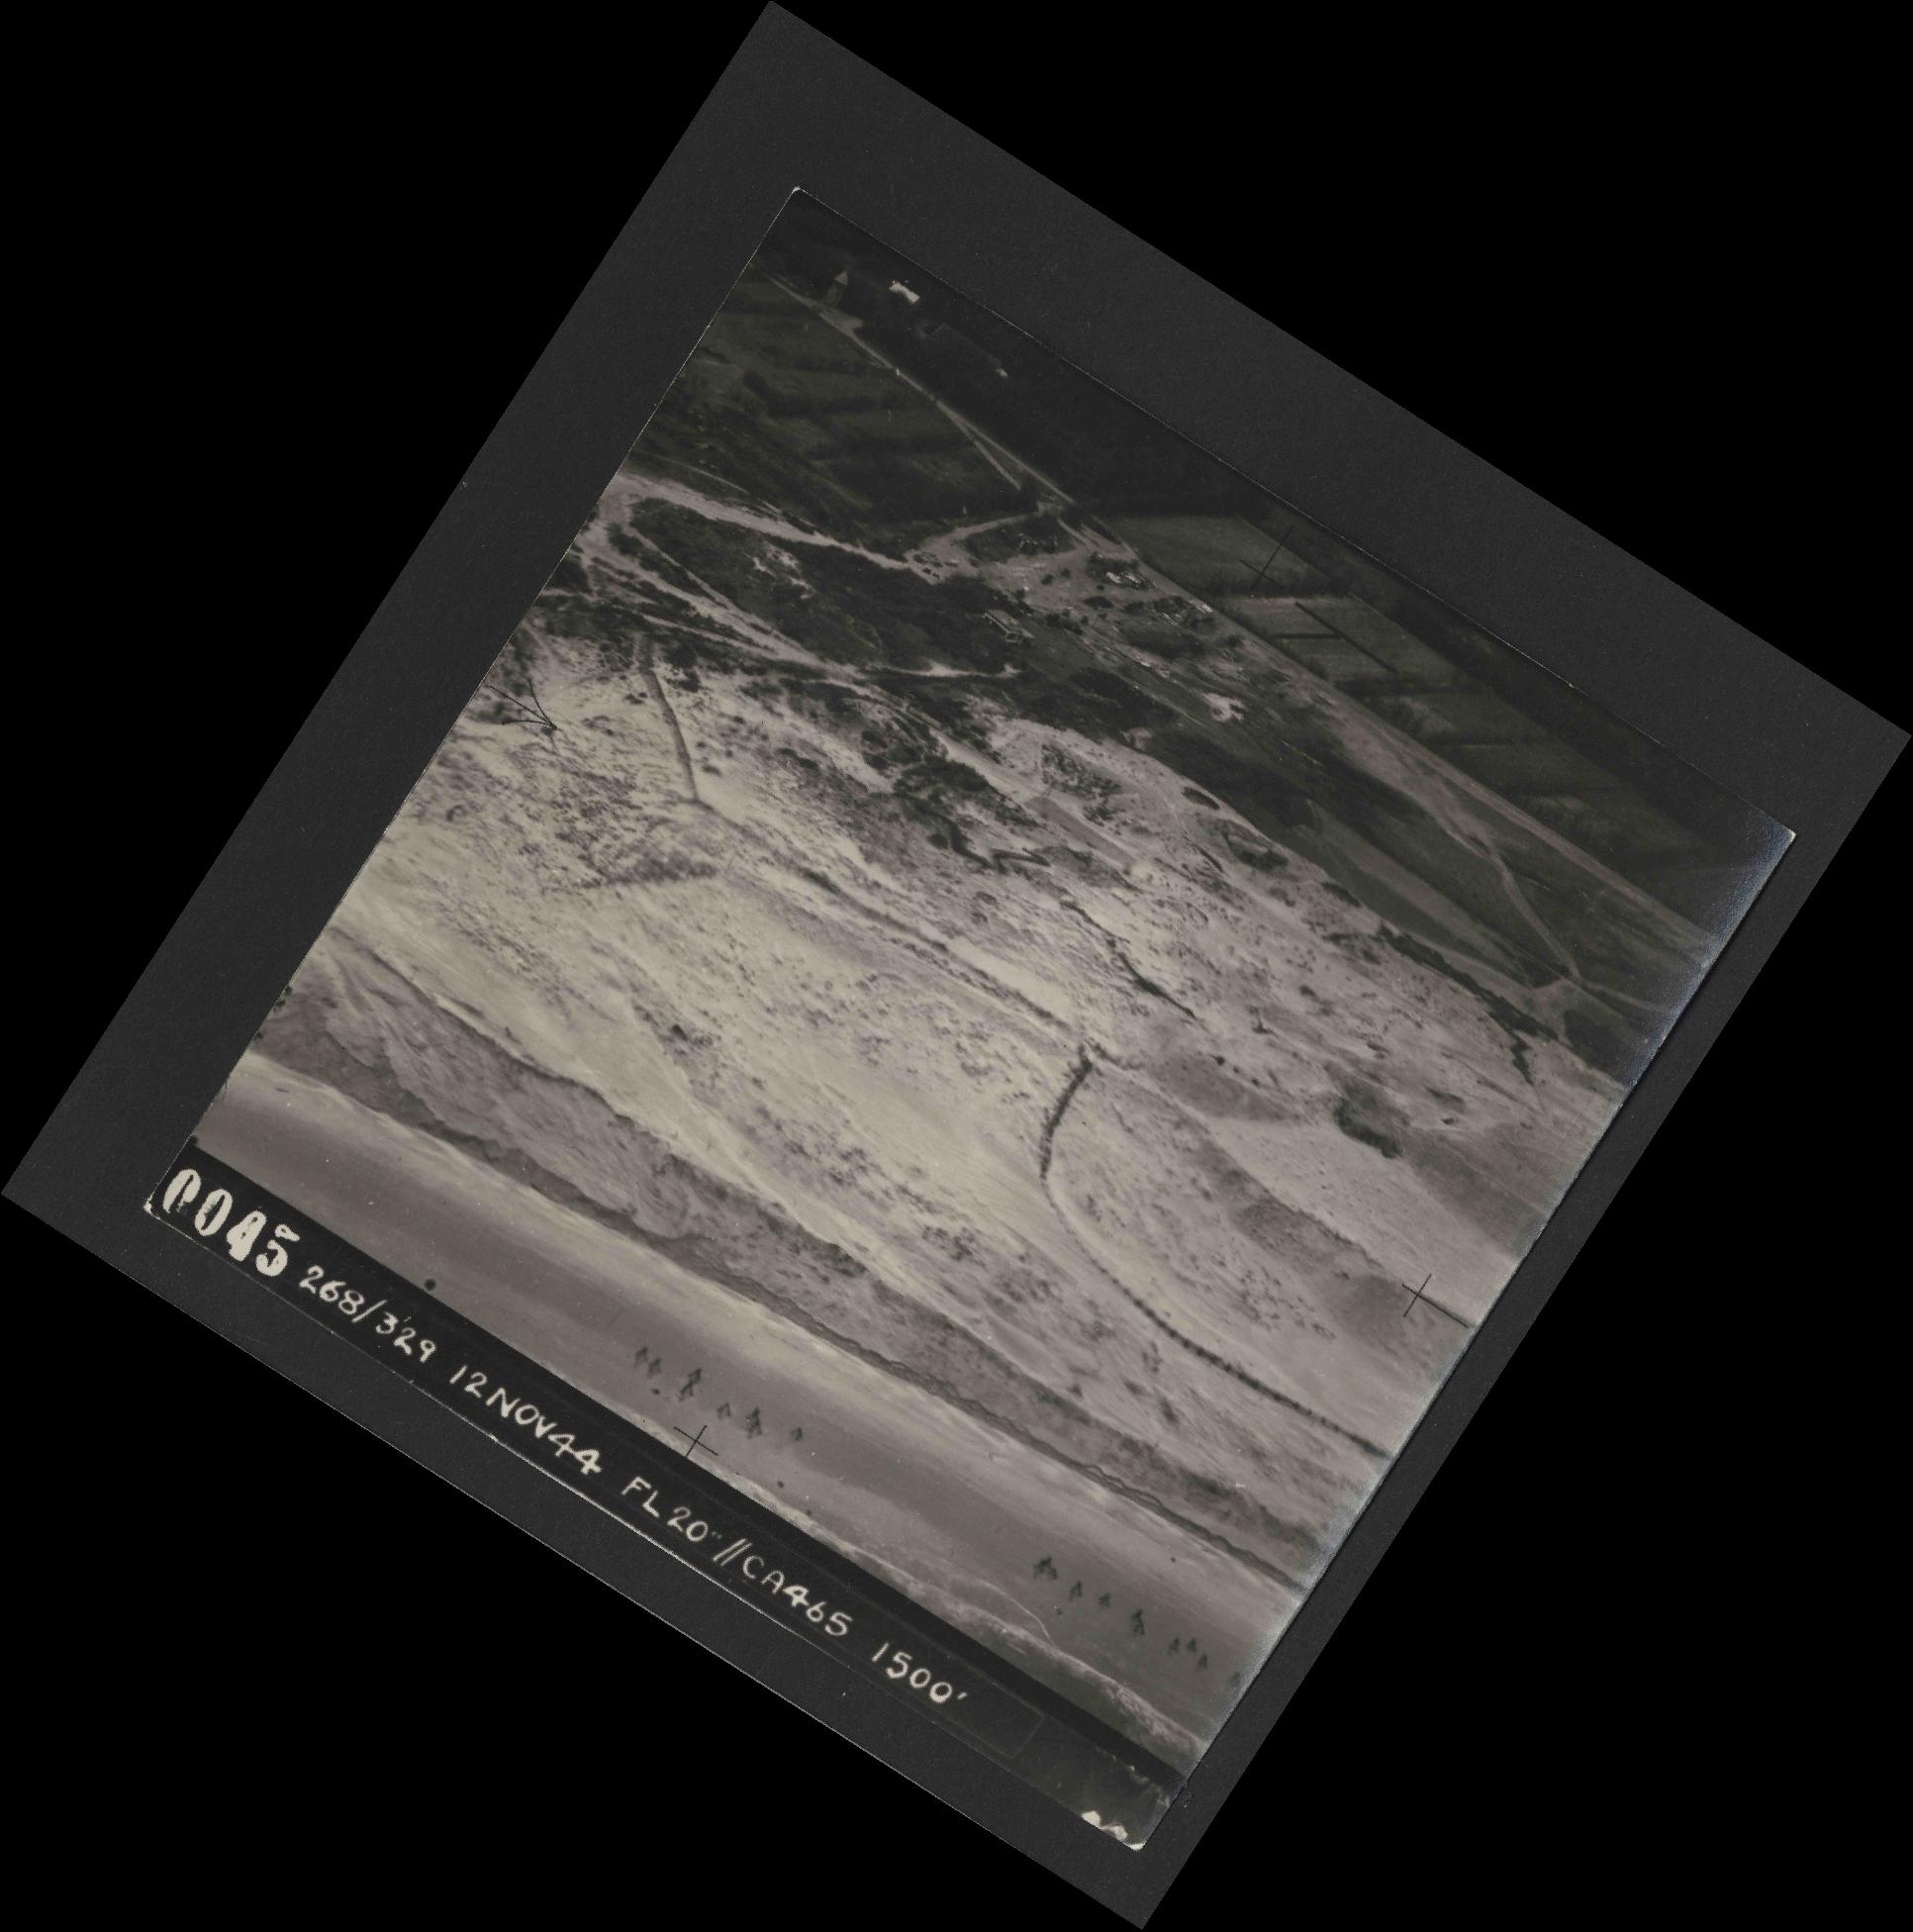 Collection RAF aerial photos 1940-1945 - flight 553, run 01, photo 0045